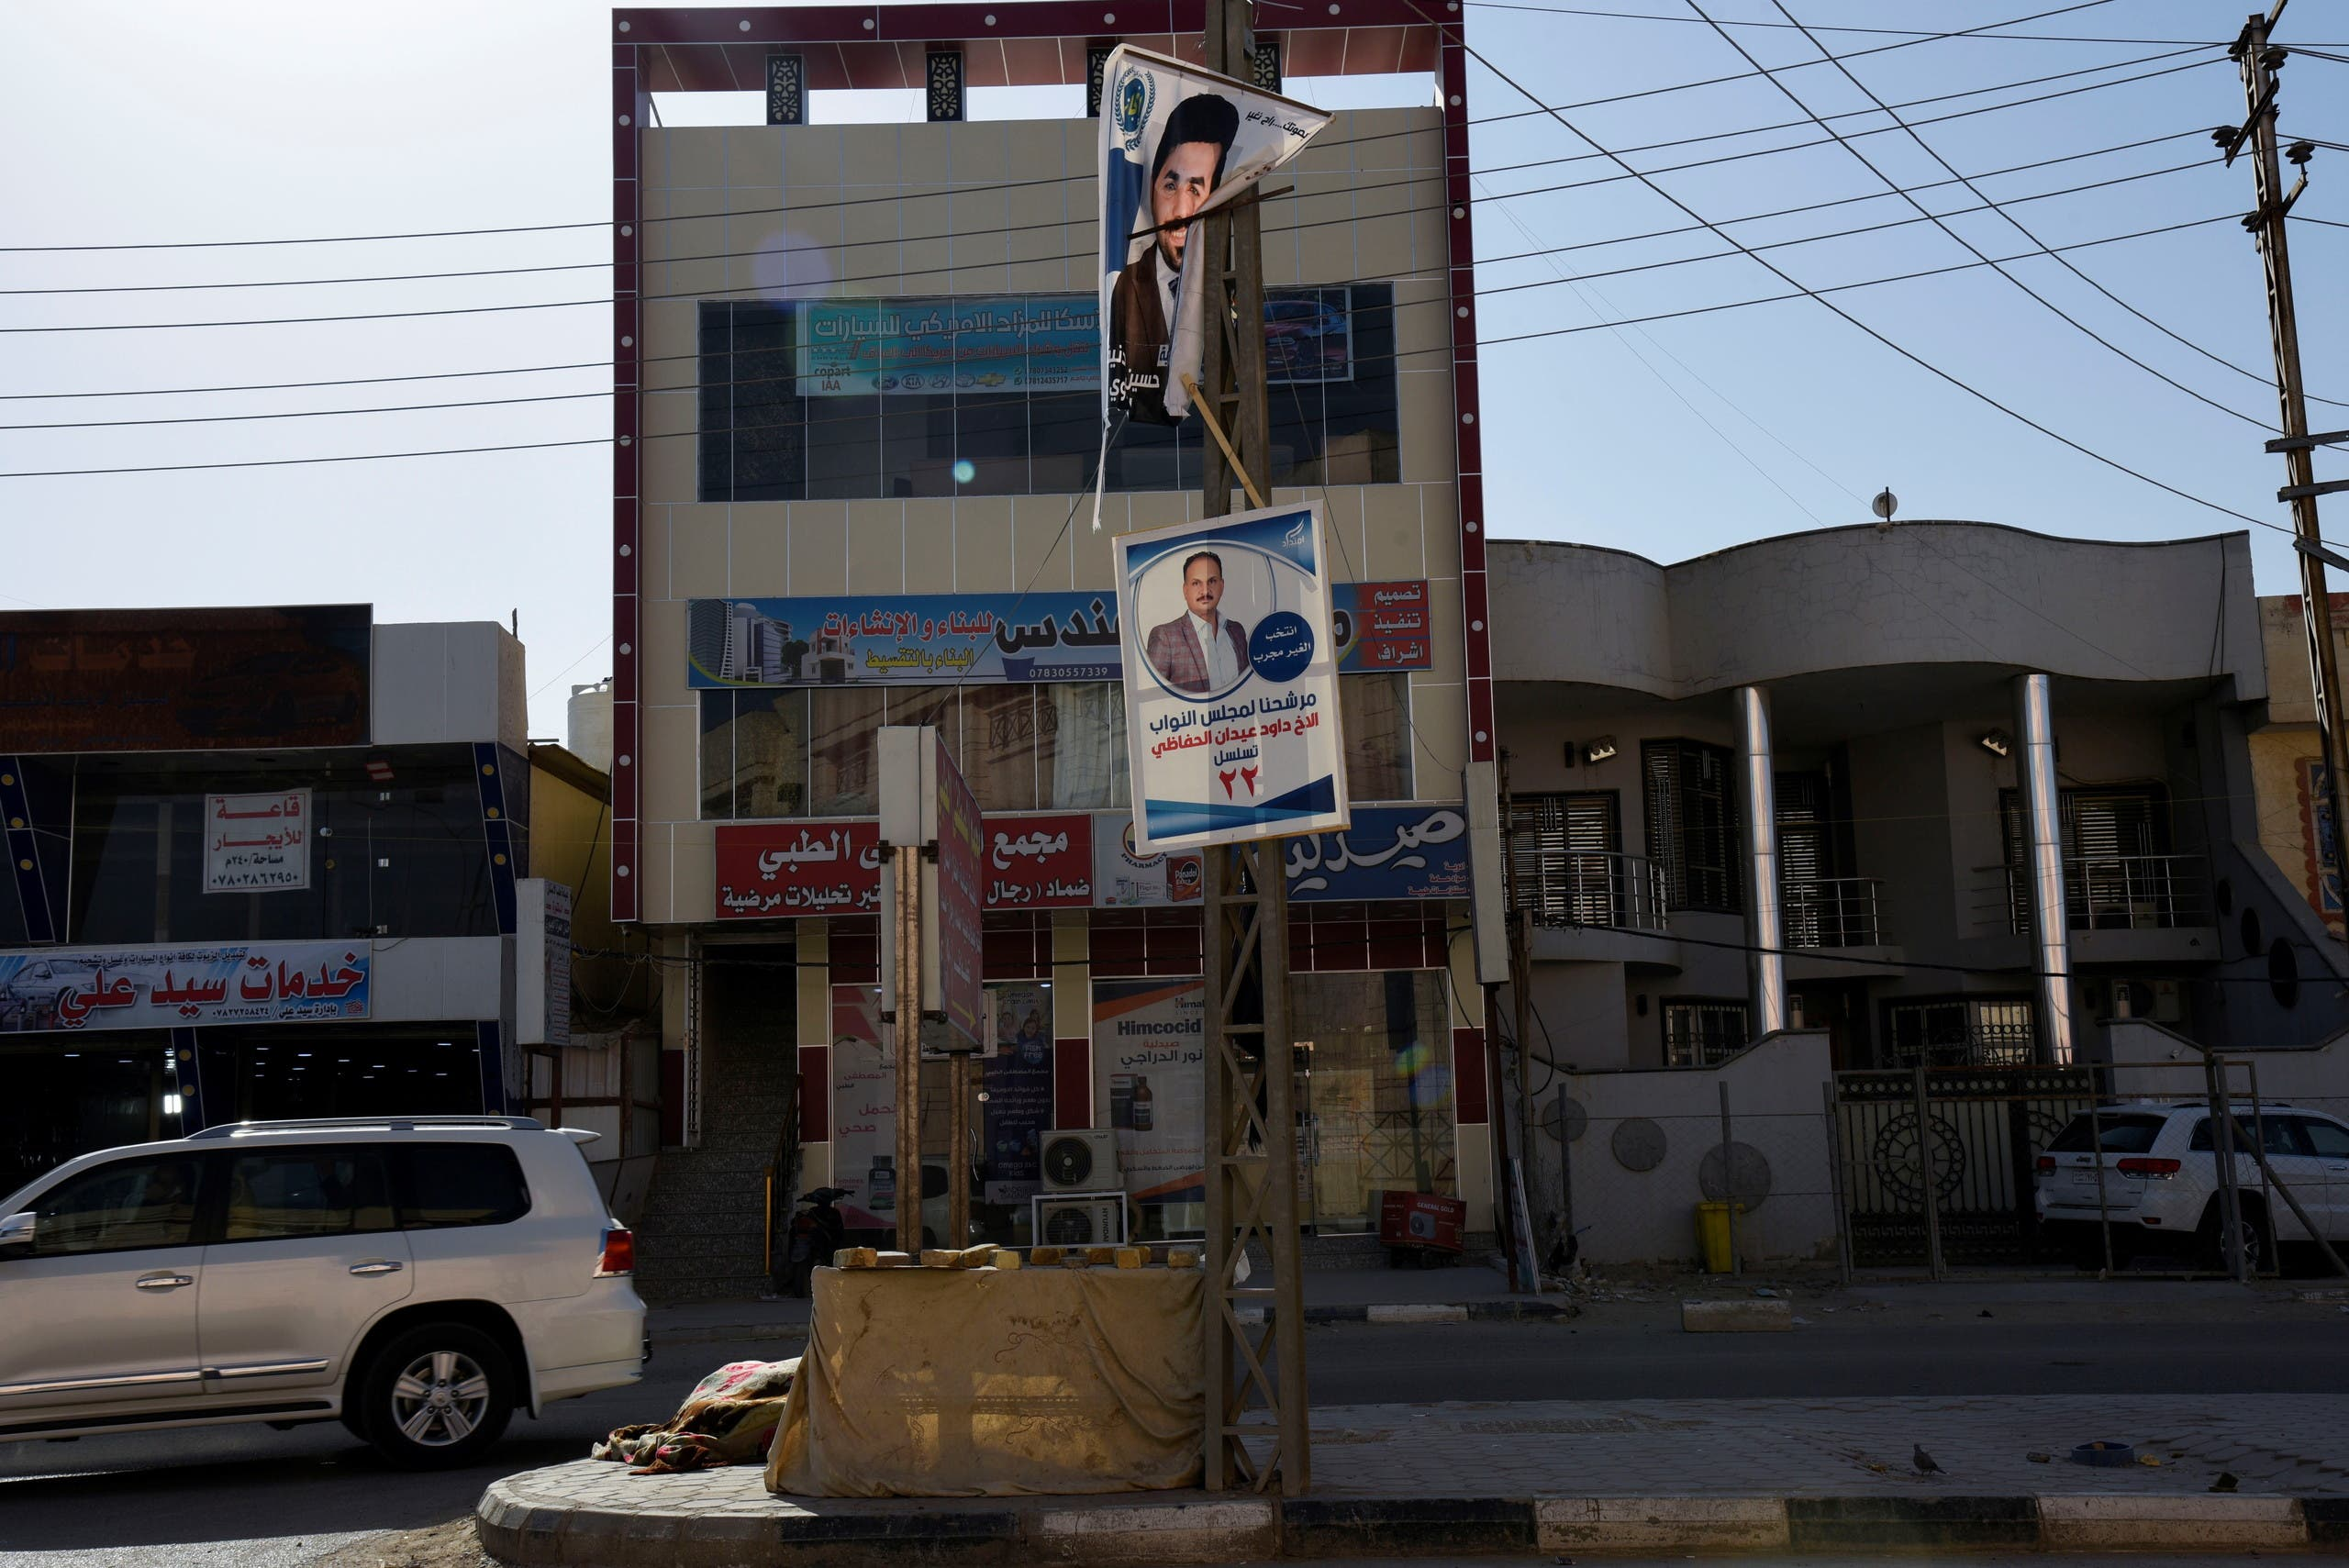 لافتات انتخابية في العراق (أرشيفية- رويترز)